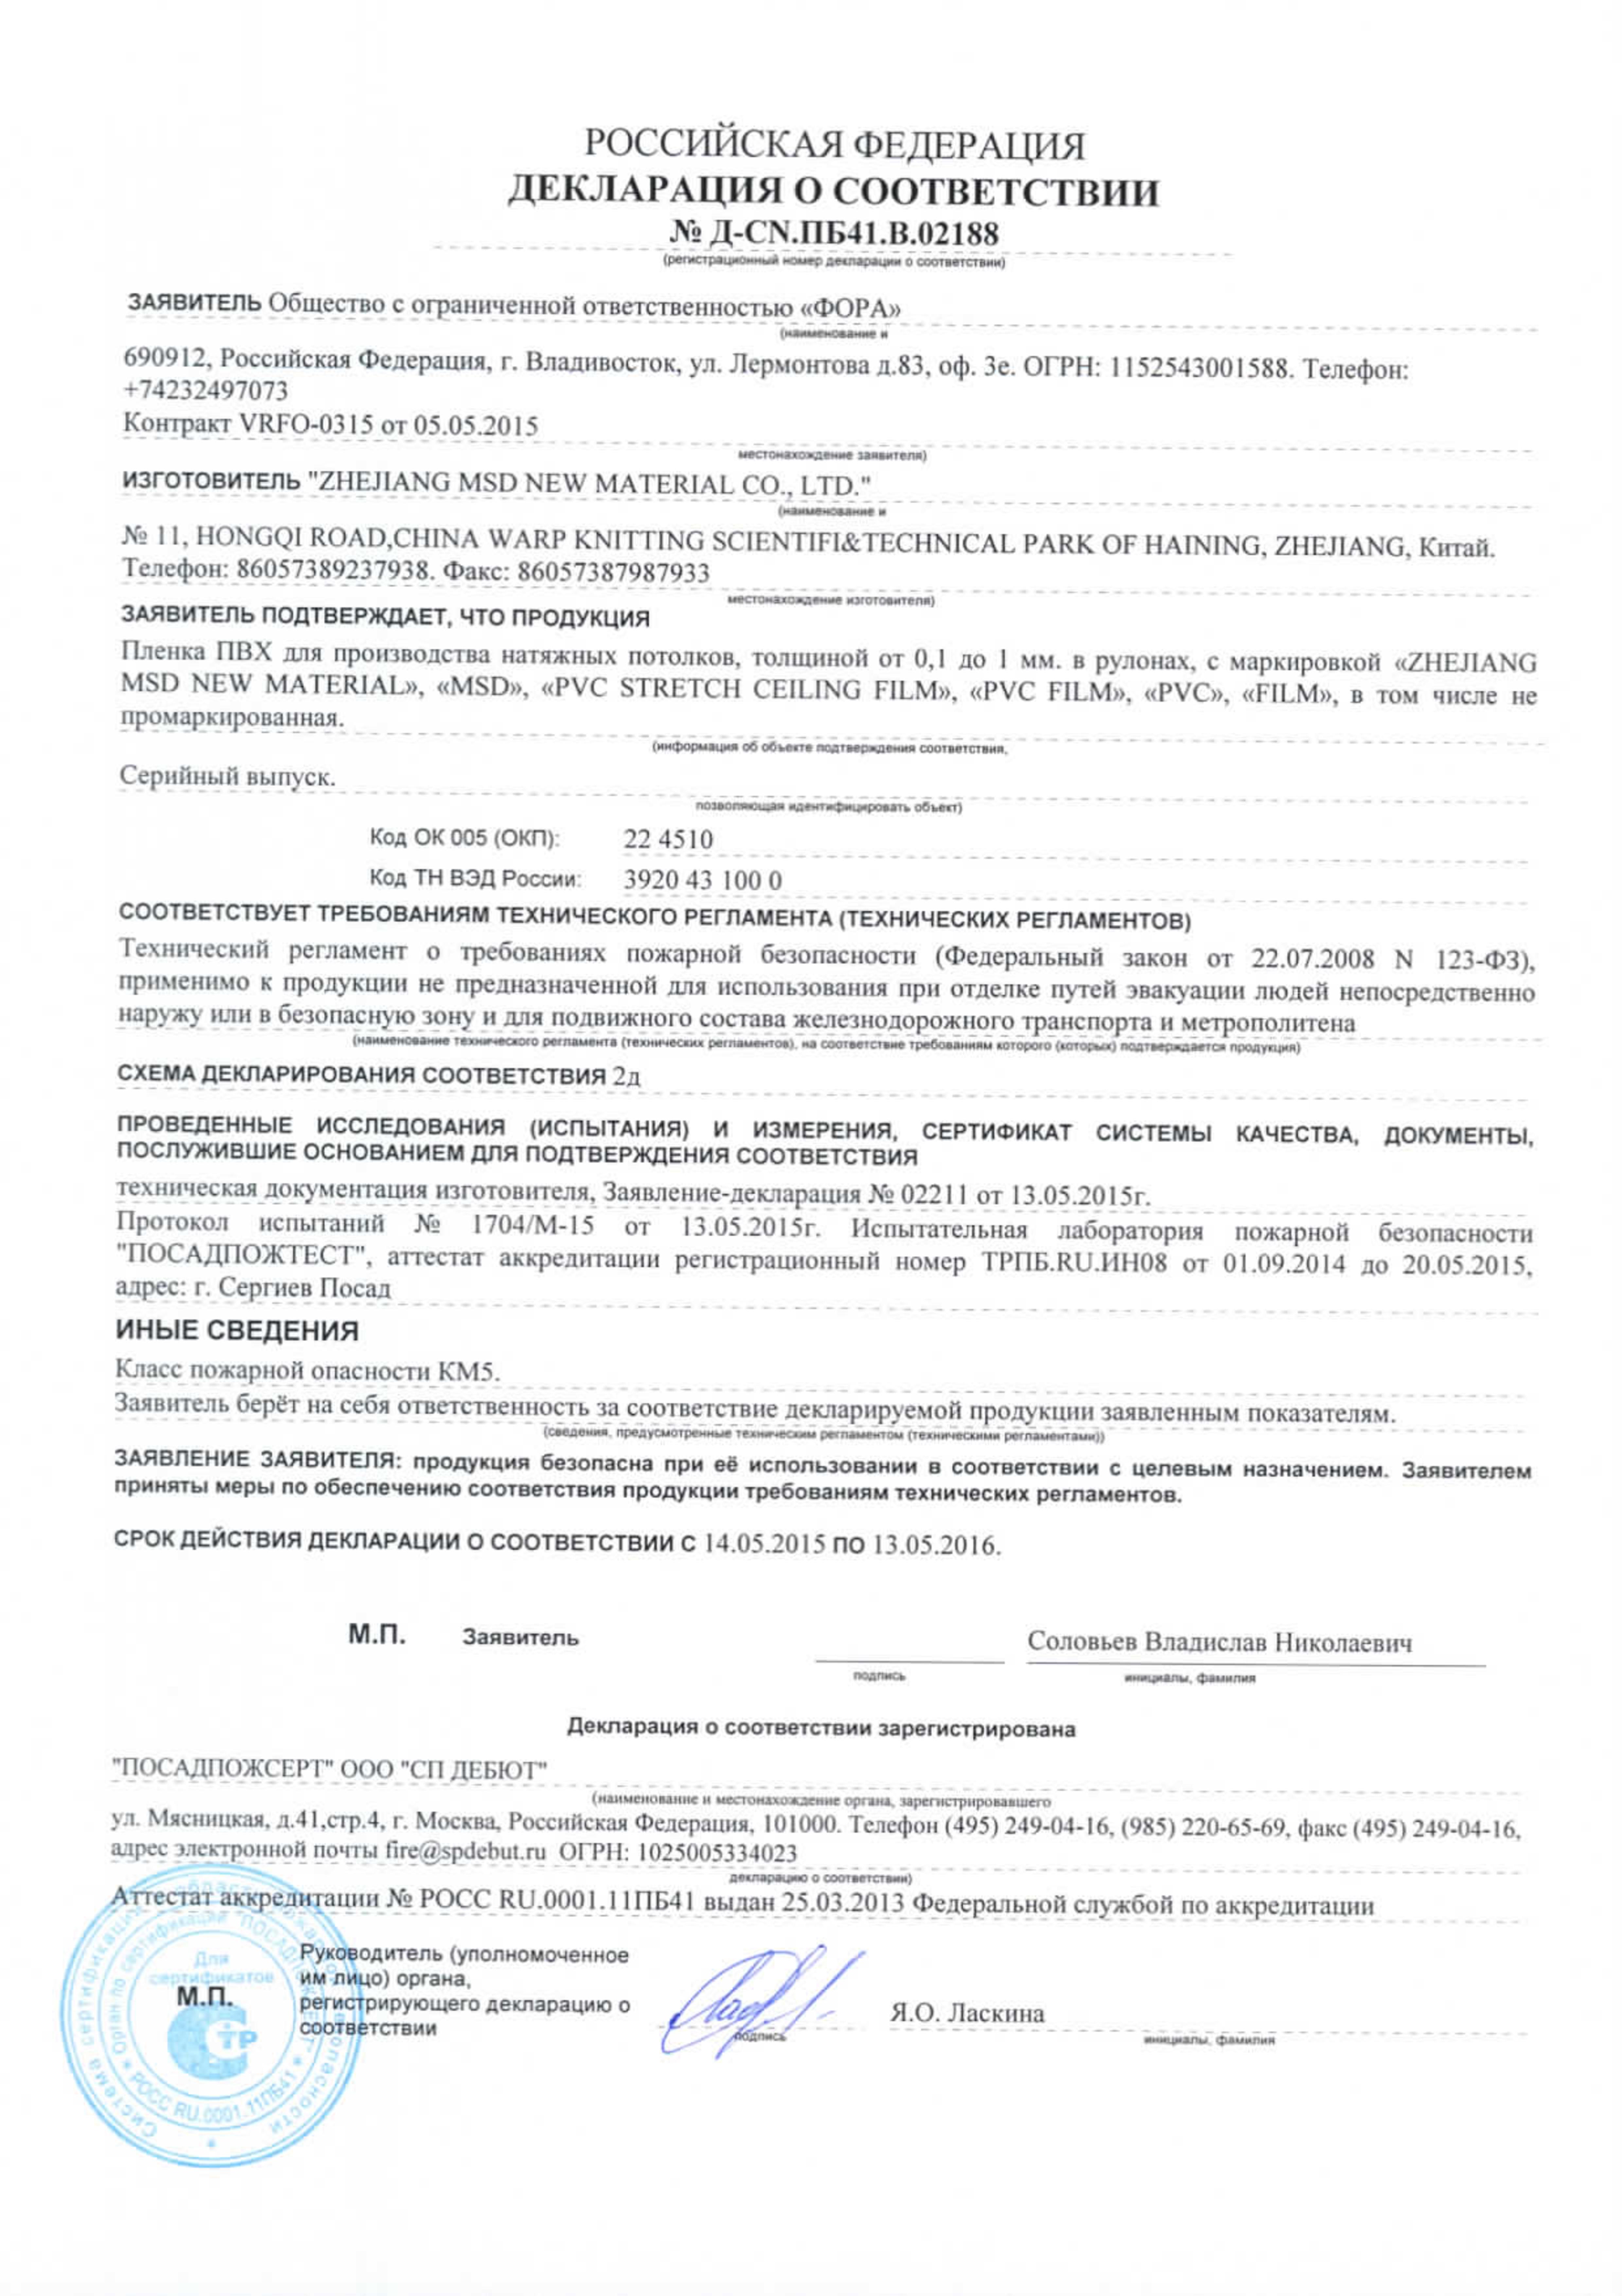 msd сертификат качества